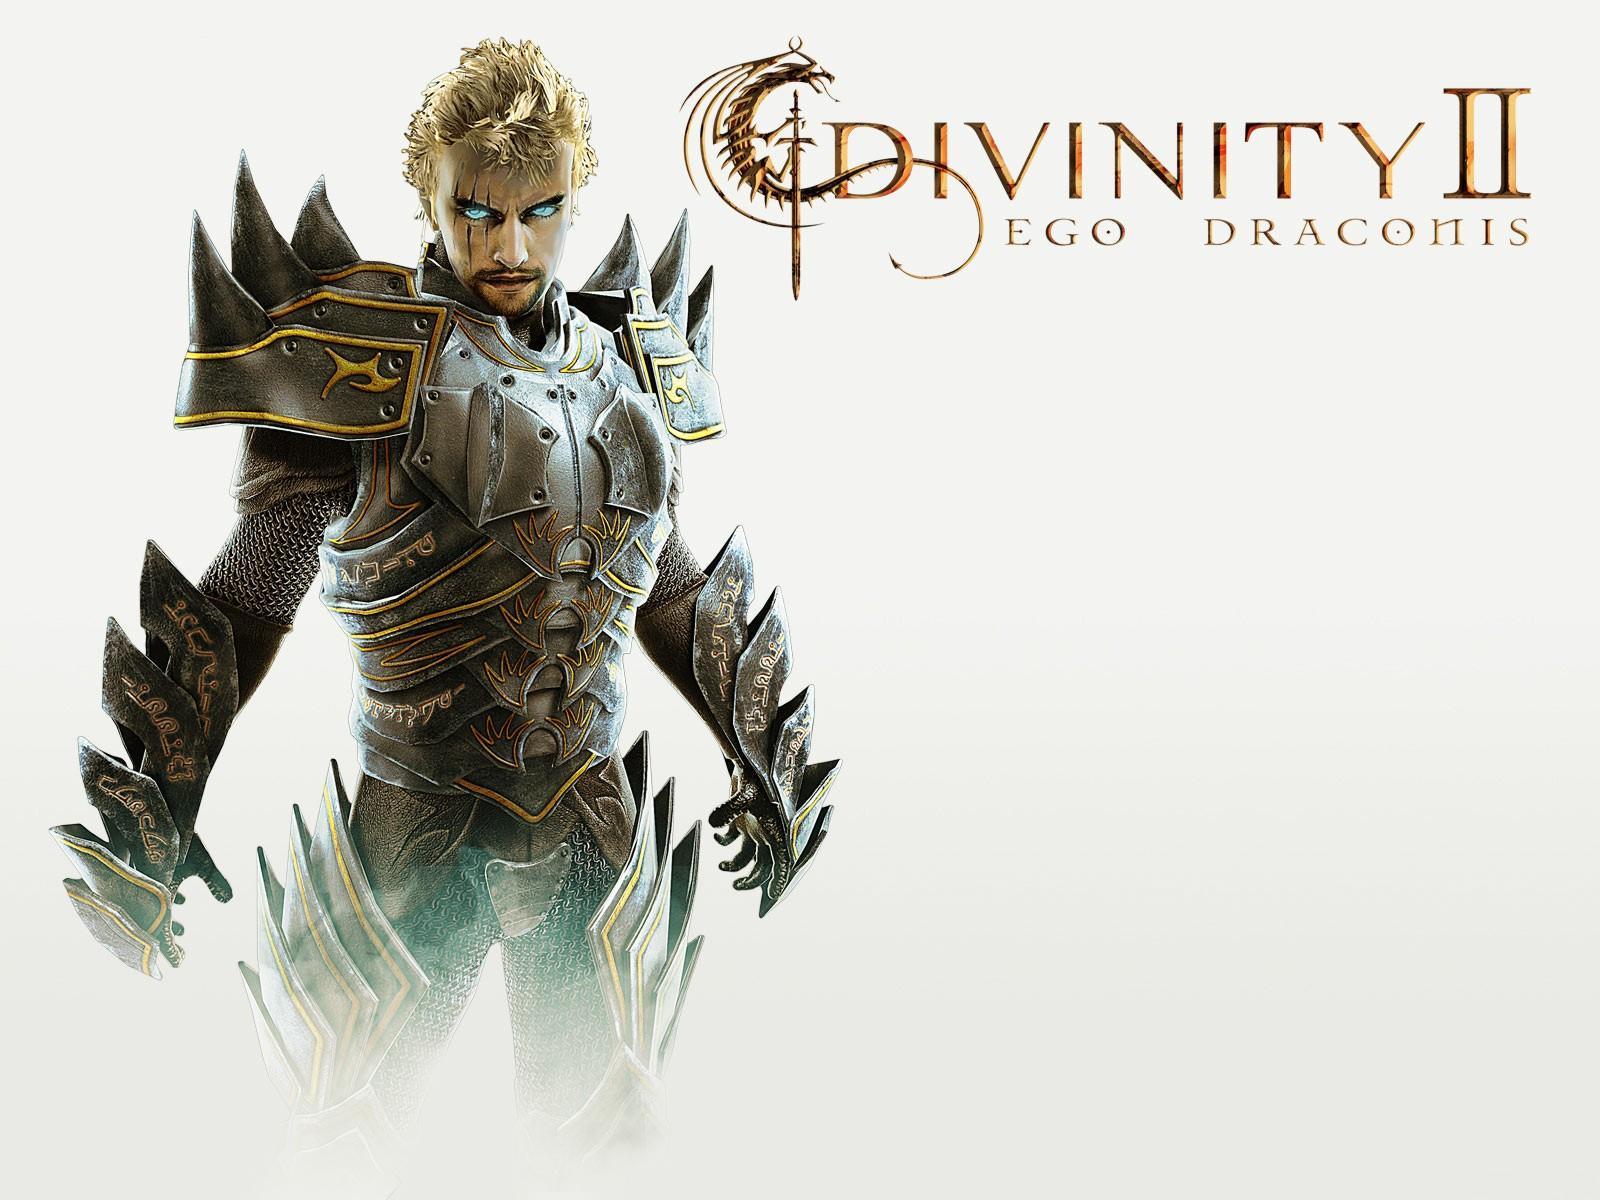 Скачать Игру Divinity 2 Ego Draconis Торрент